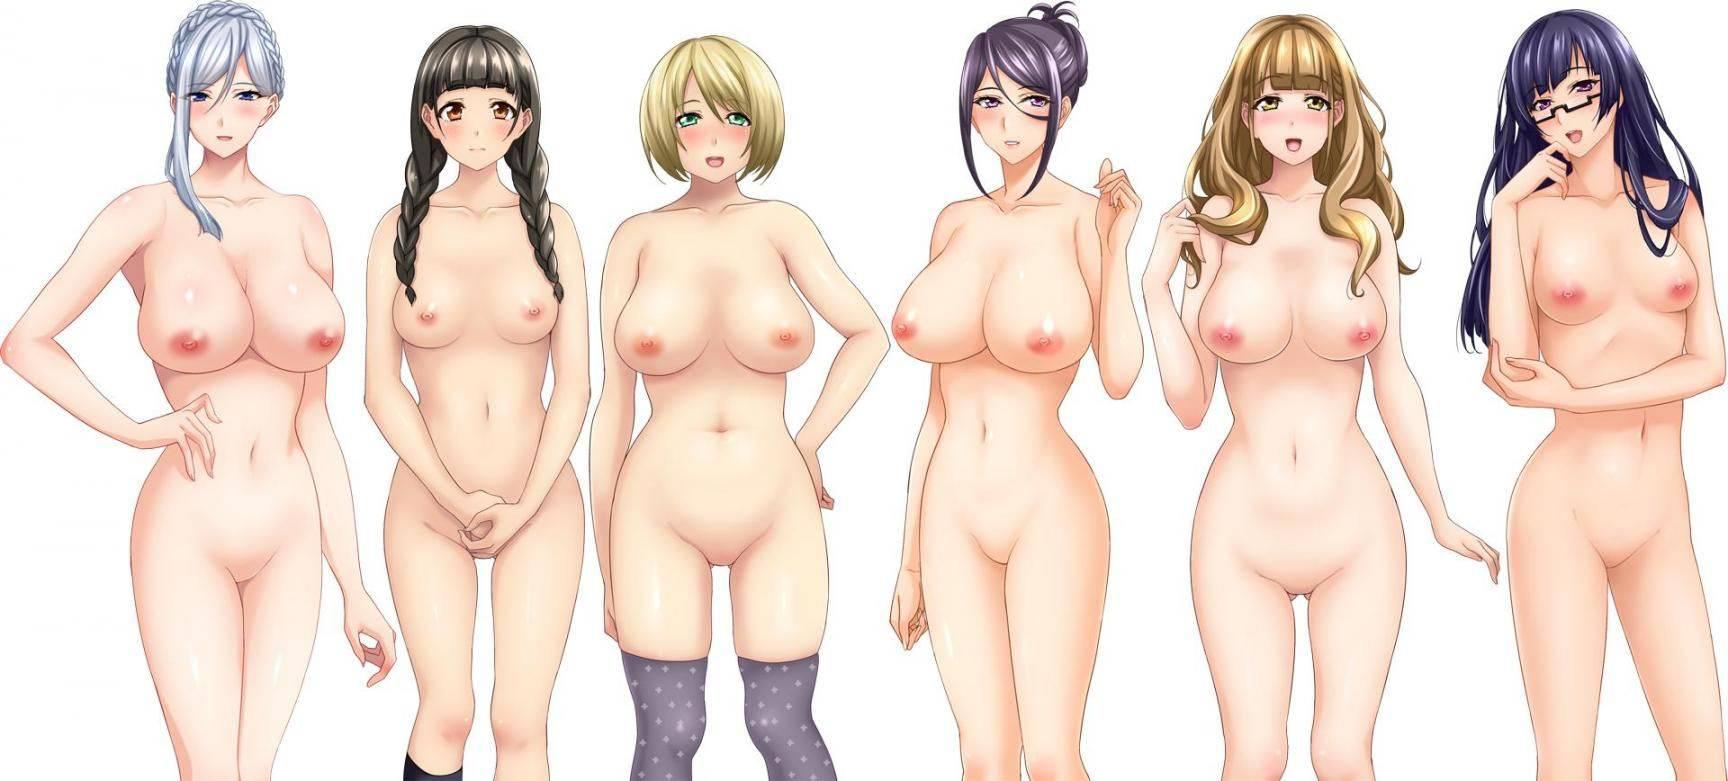 【どれにしようかな?】女の子達が全裸で立ってる二次エロ画像【15】